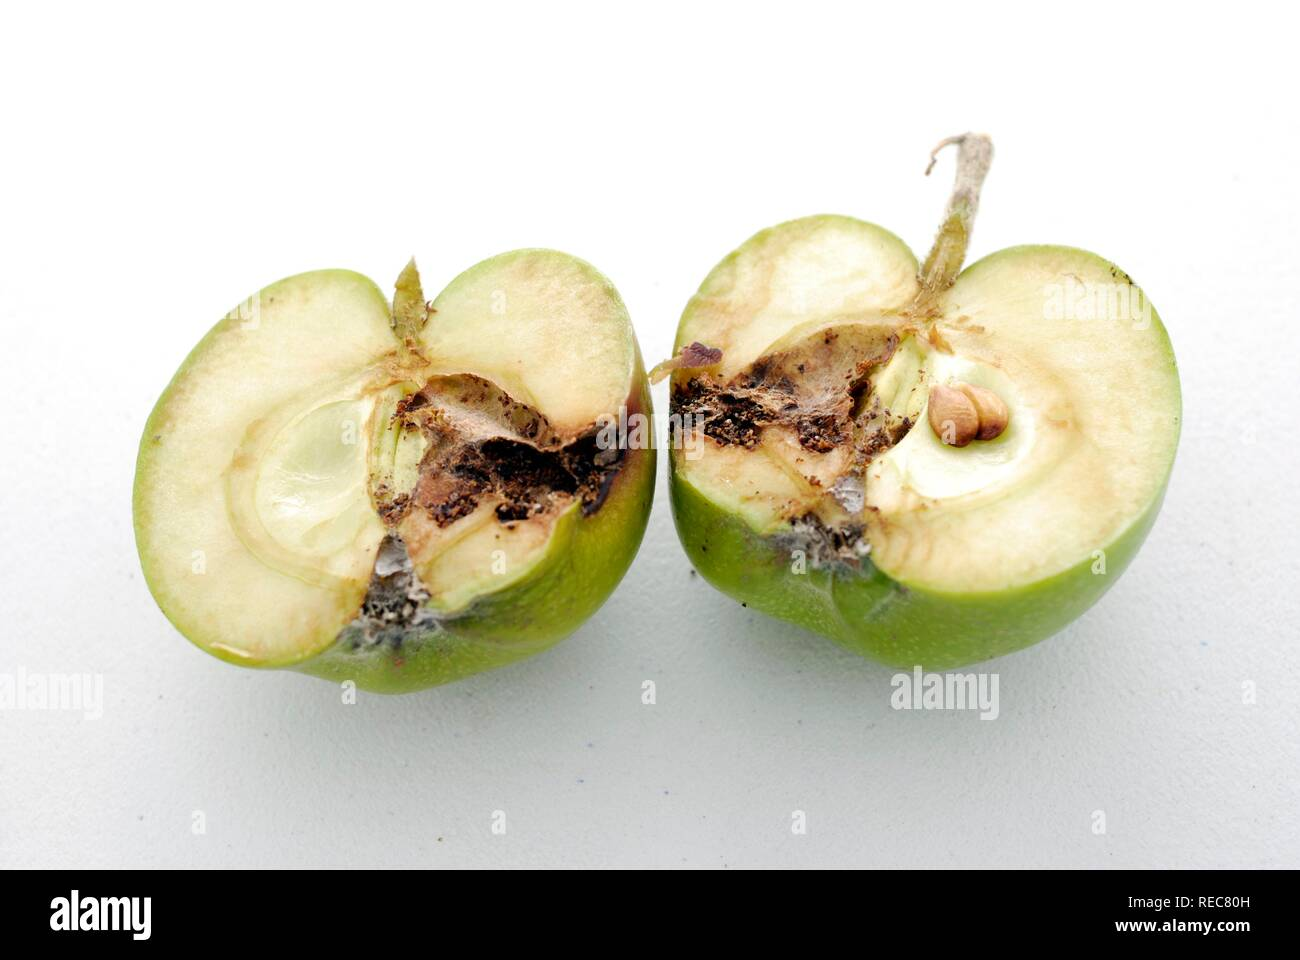 Carpocapsa daños mostrado en la sección transversal de un afectado de apple Imagen De Stock